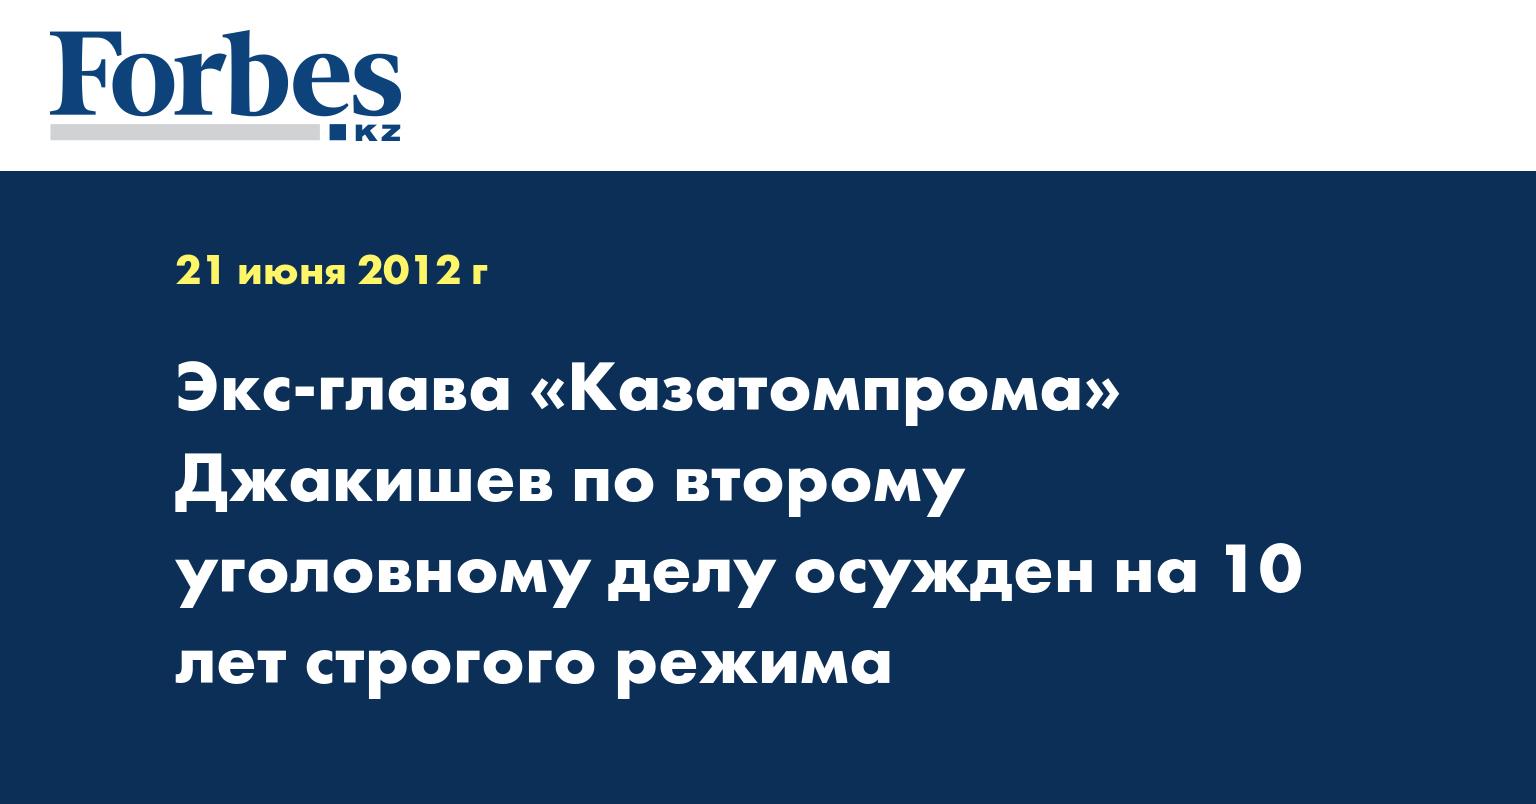 Экс-глава «Казатомпрома» Джакишев по второму уголовному делу осужден на 10 лет строгого режима